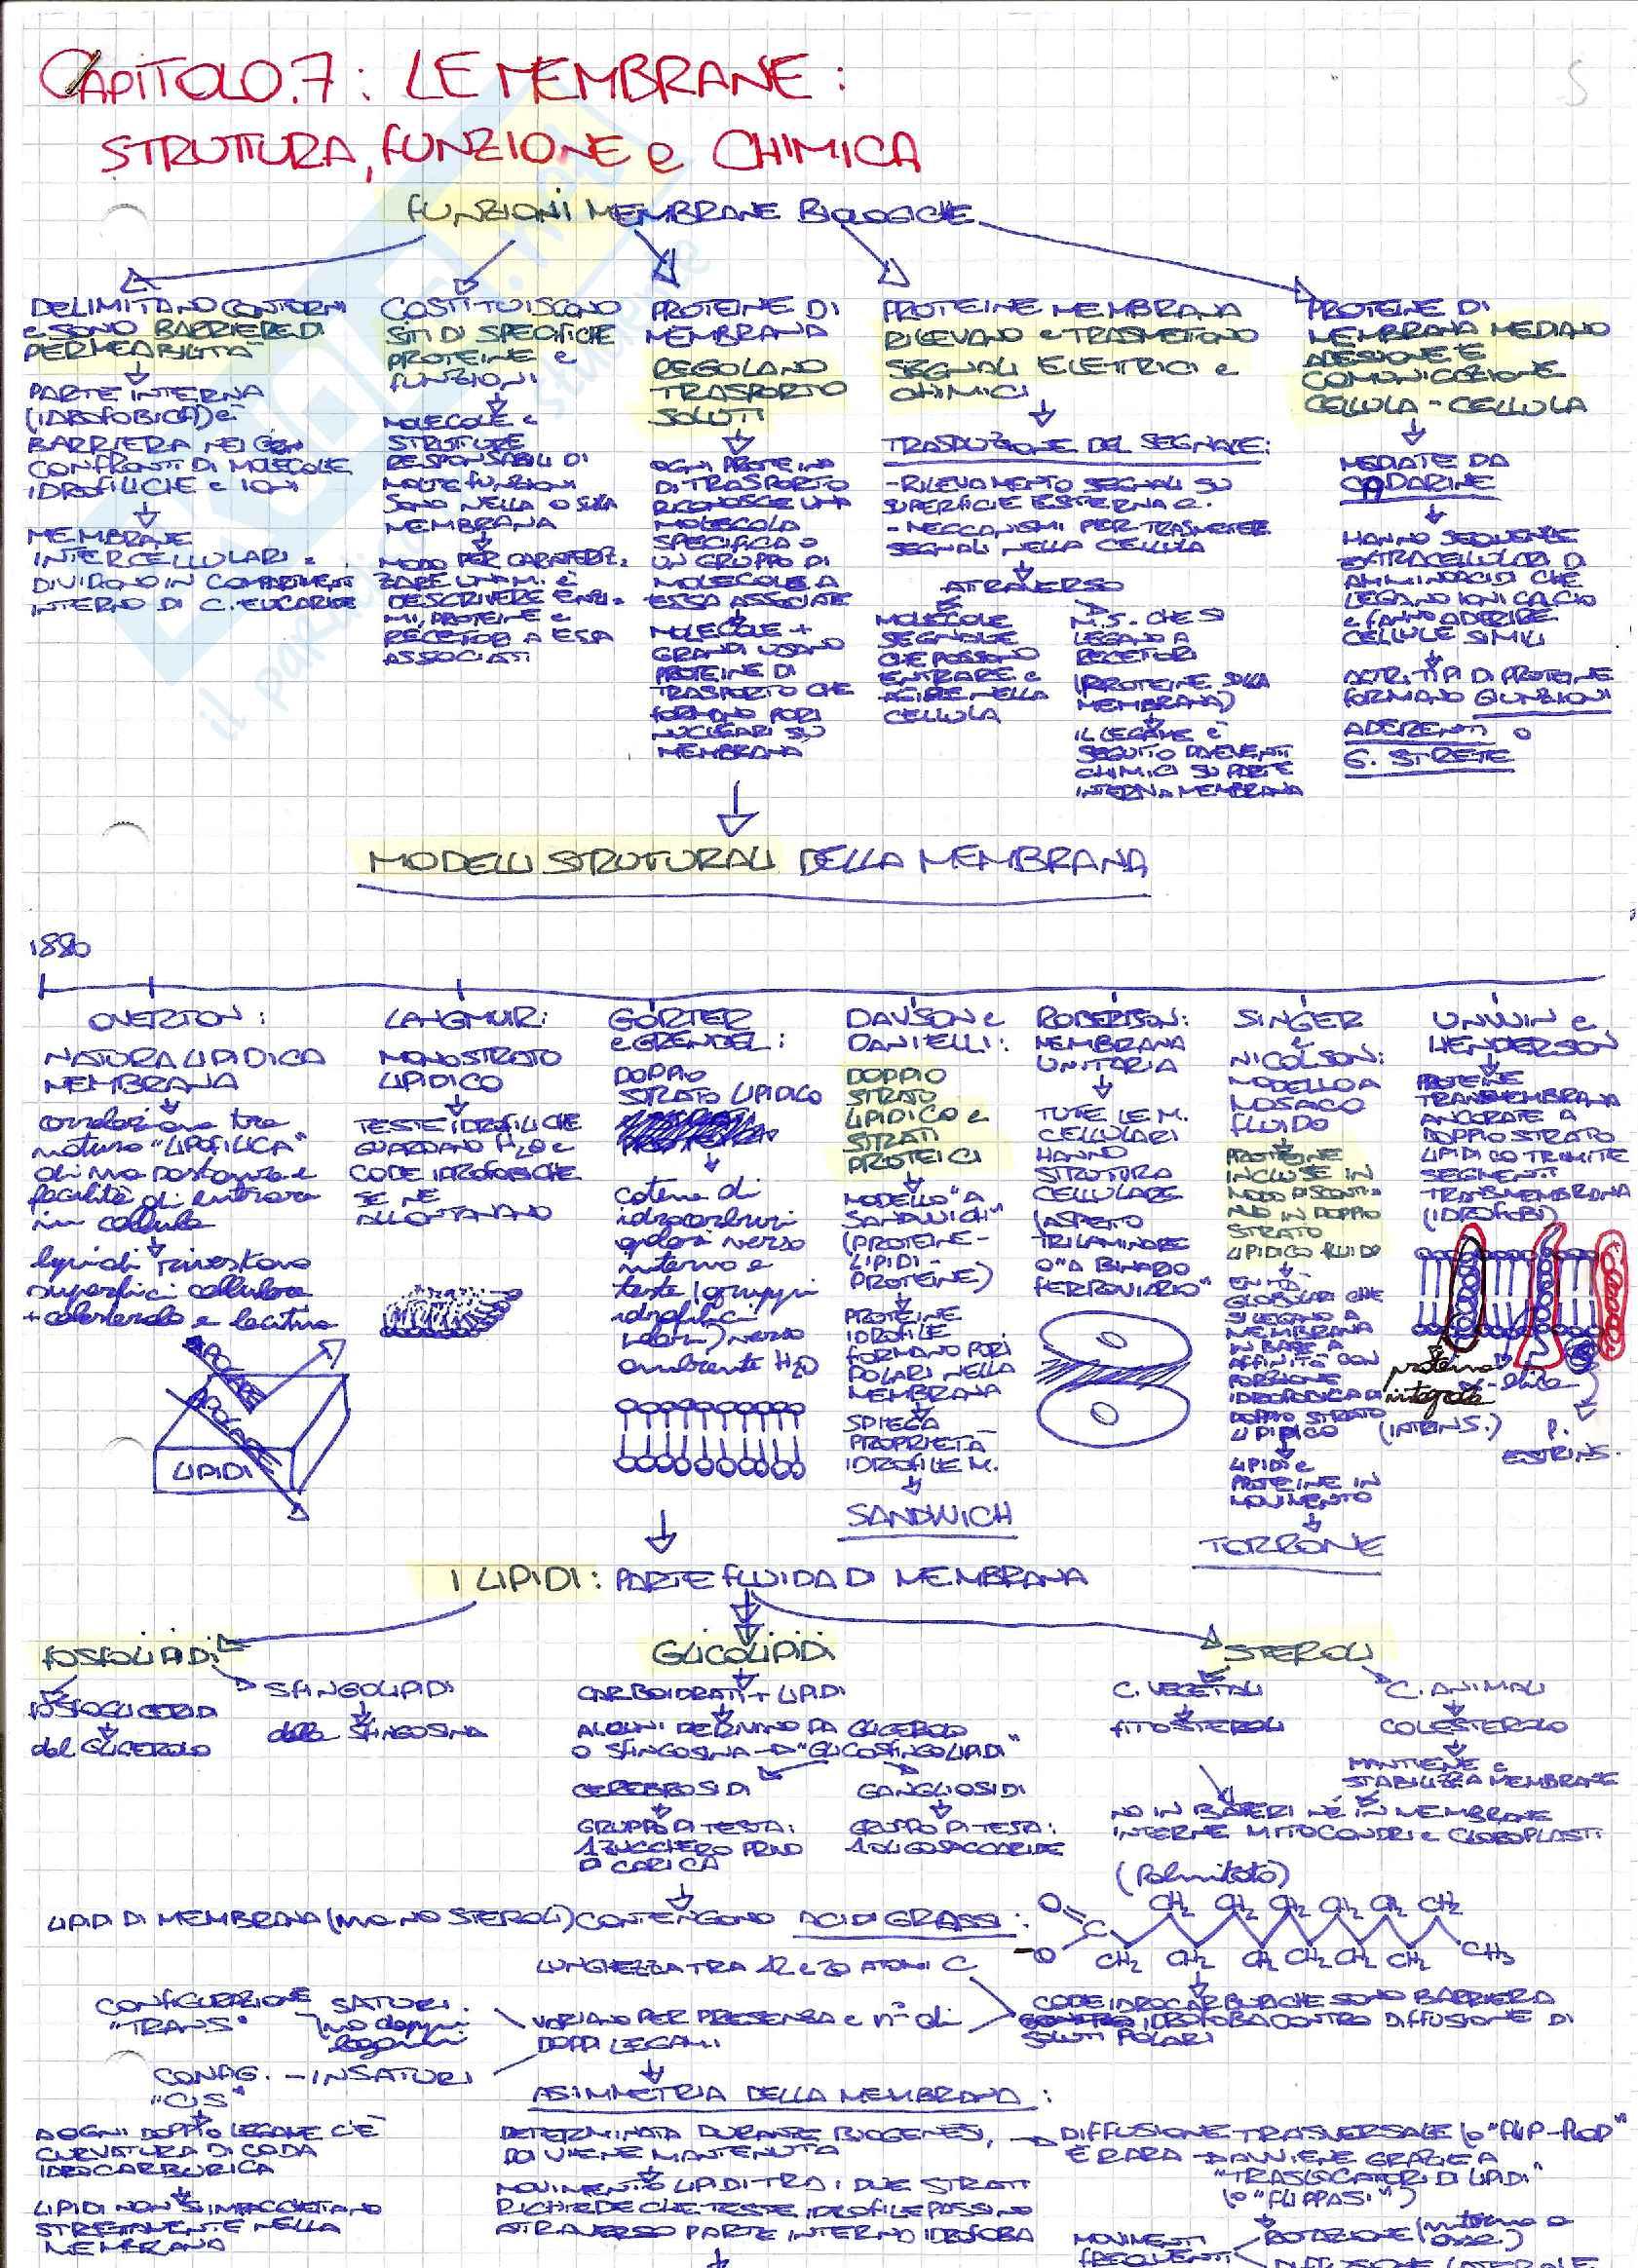 Schemi di biologia generale e cellulare per l'esame della prof. Patrizia Limonta sulla struttura e il funzionamento della membrana cellulare